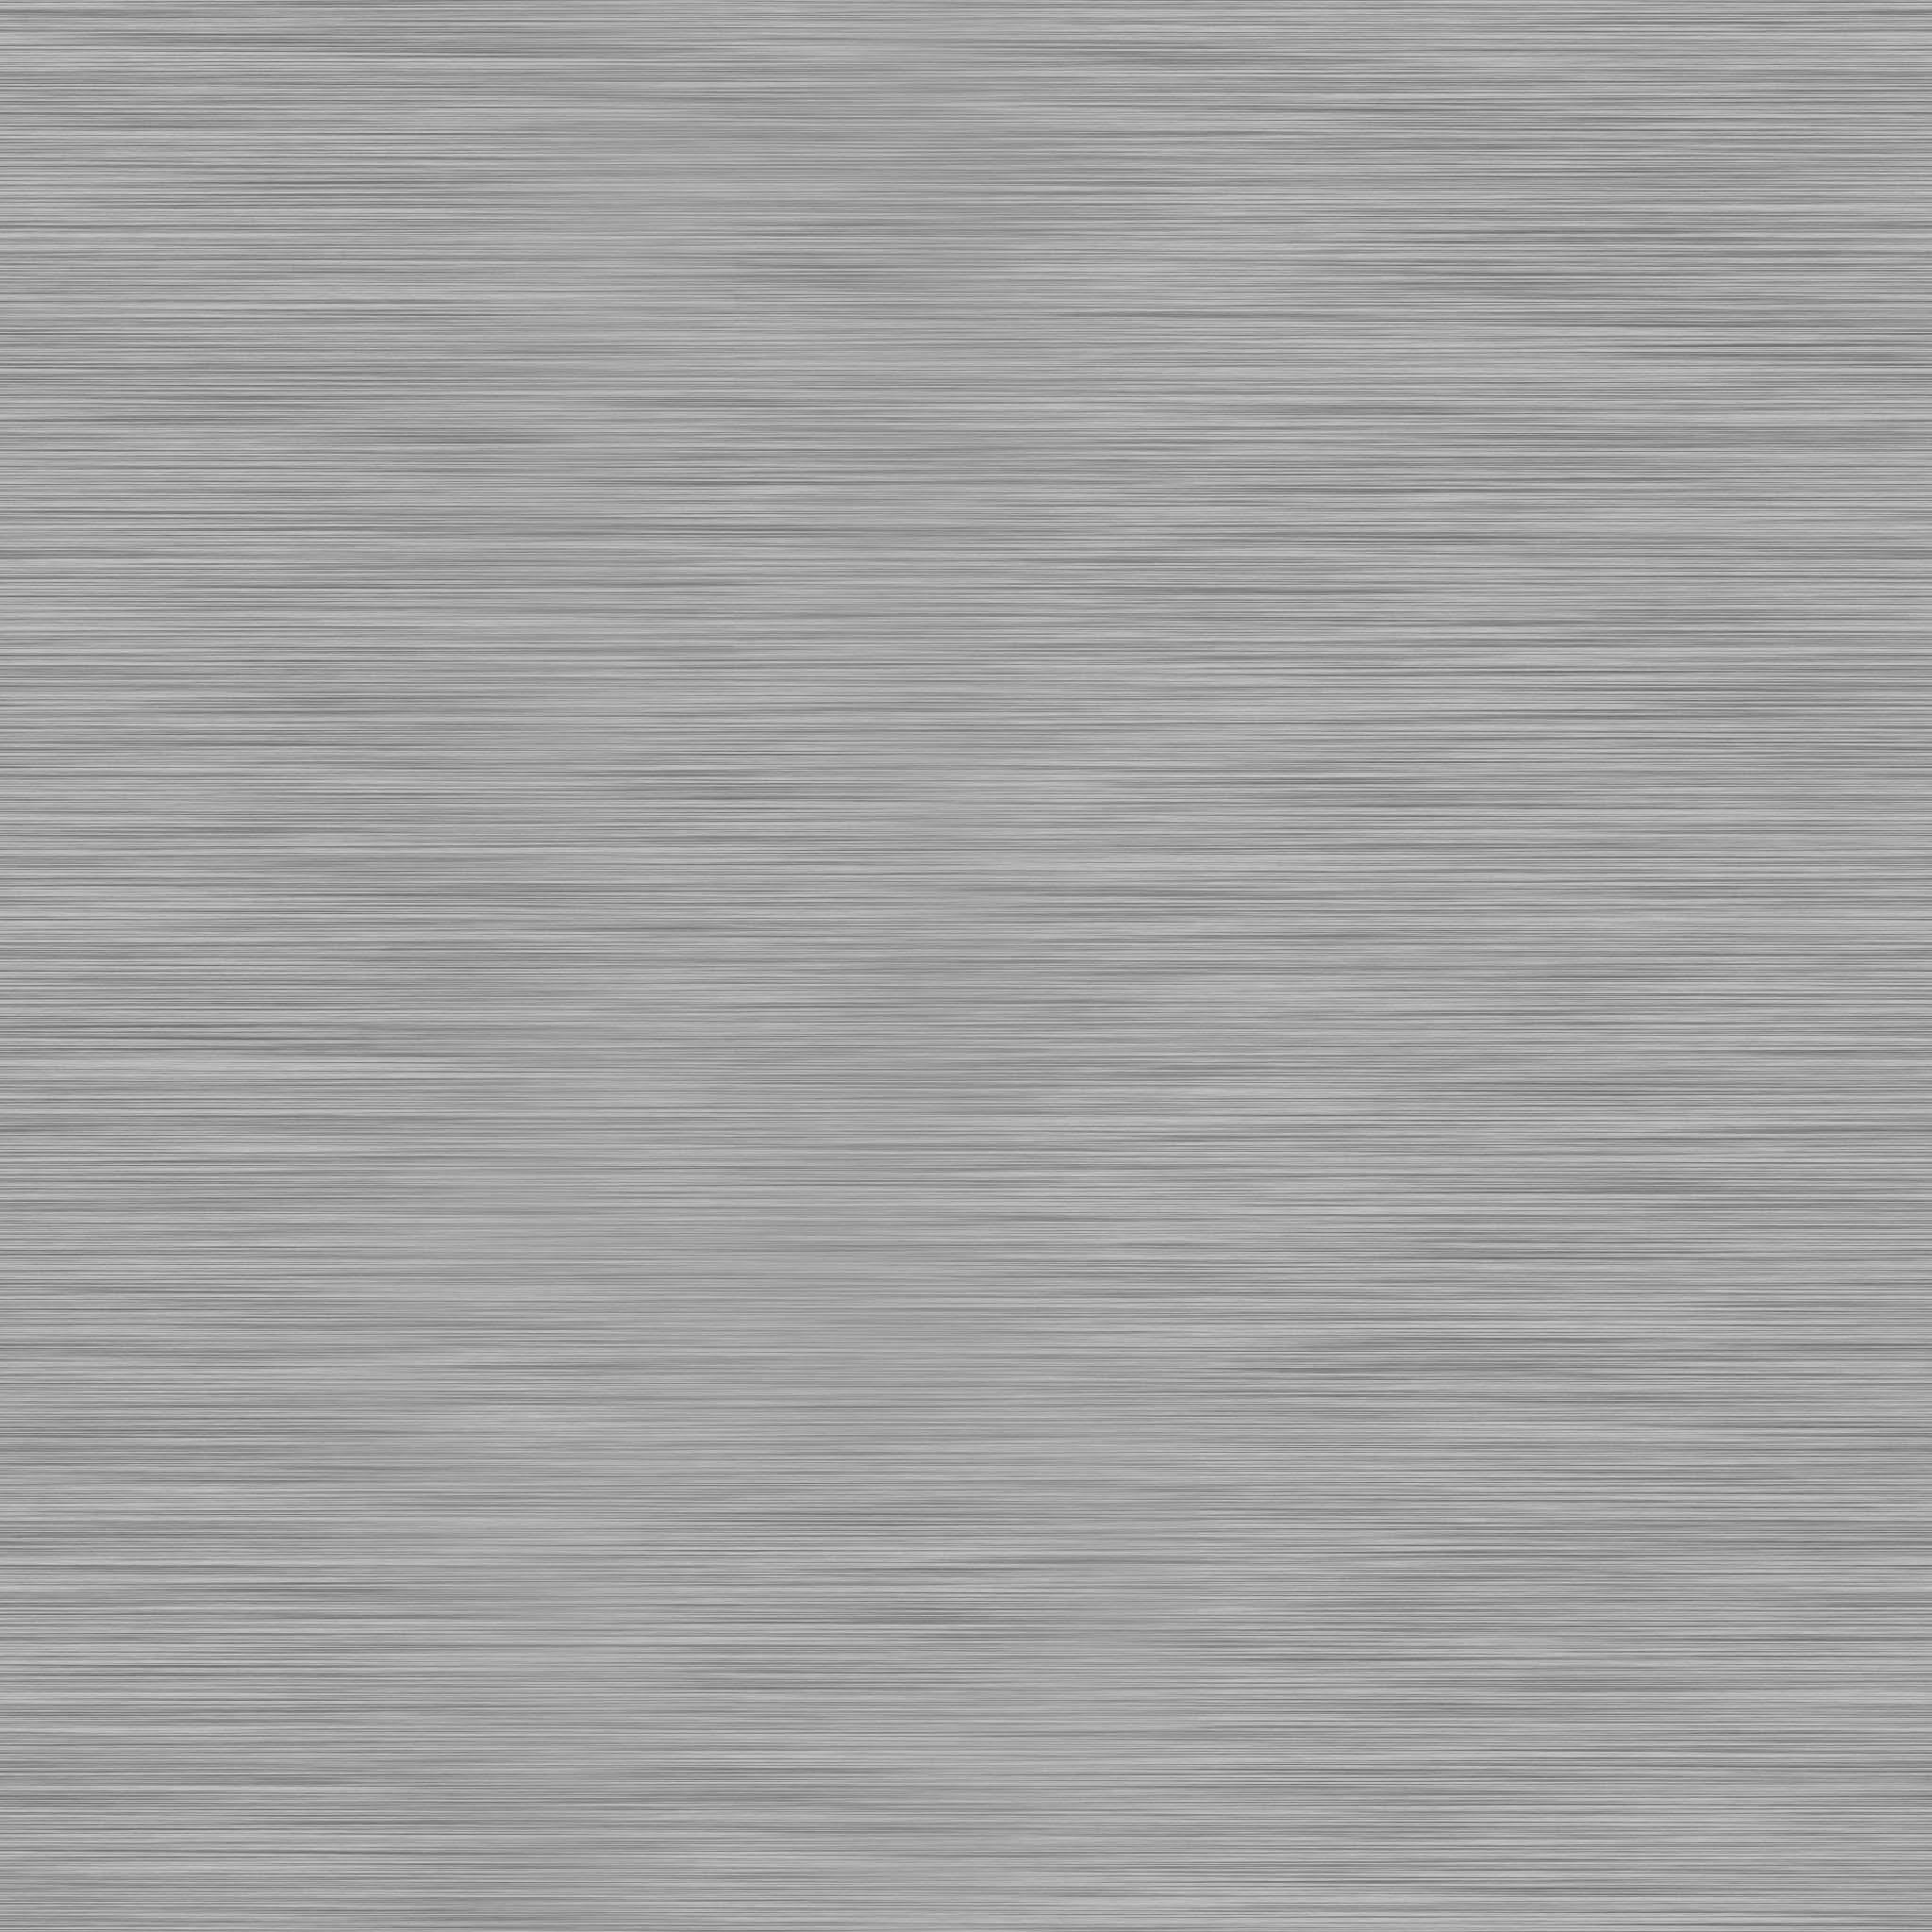 拉絲不銹鋼貼圖高清貼圖【ID:636892289】